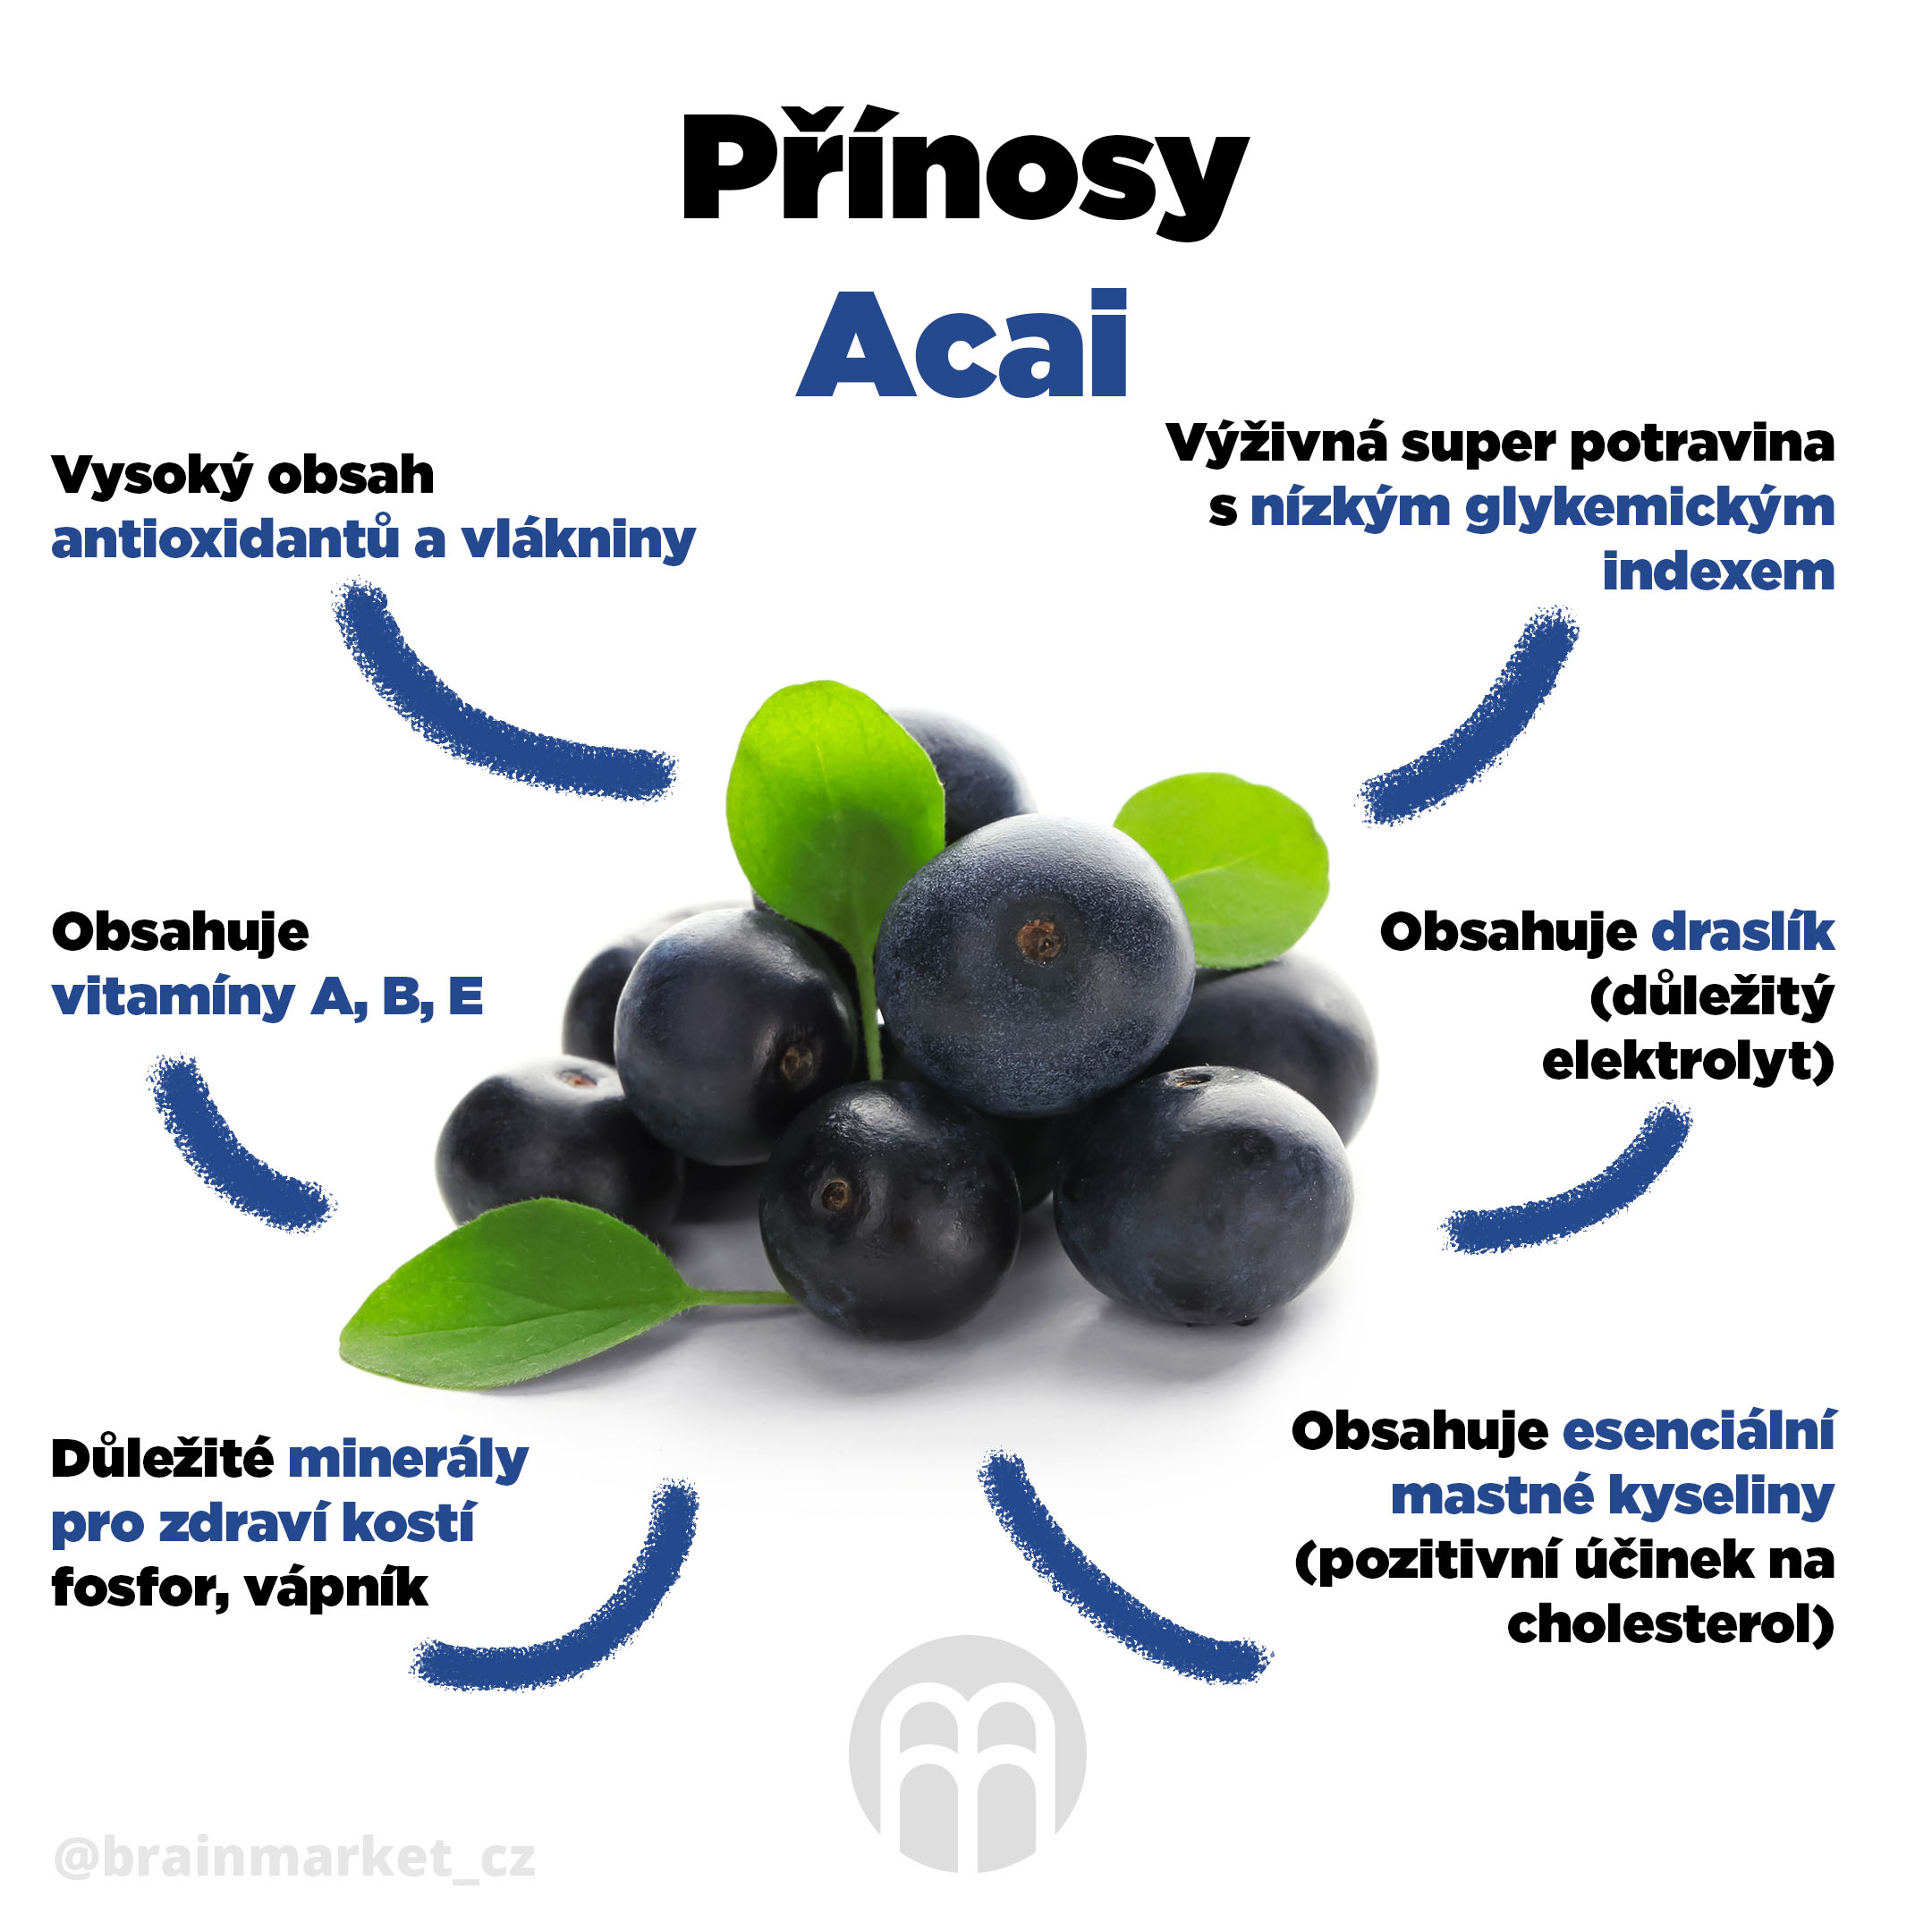 prinosy-acai-infografika-brainmarket-cz